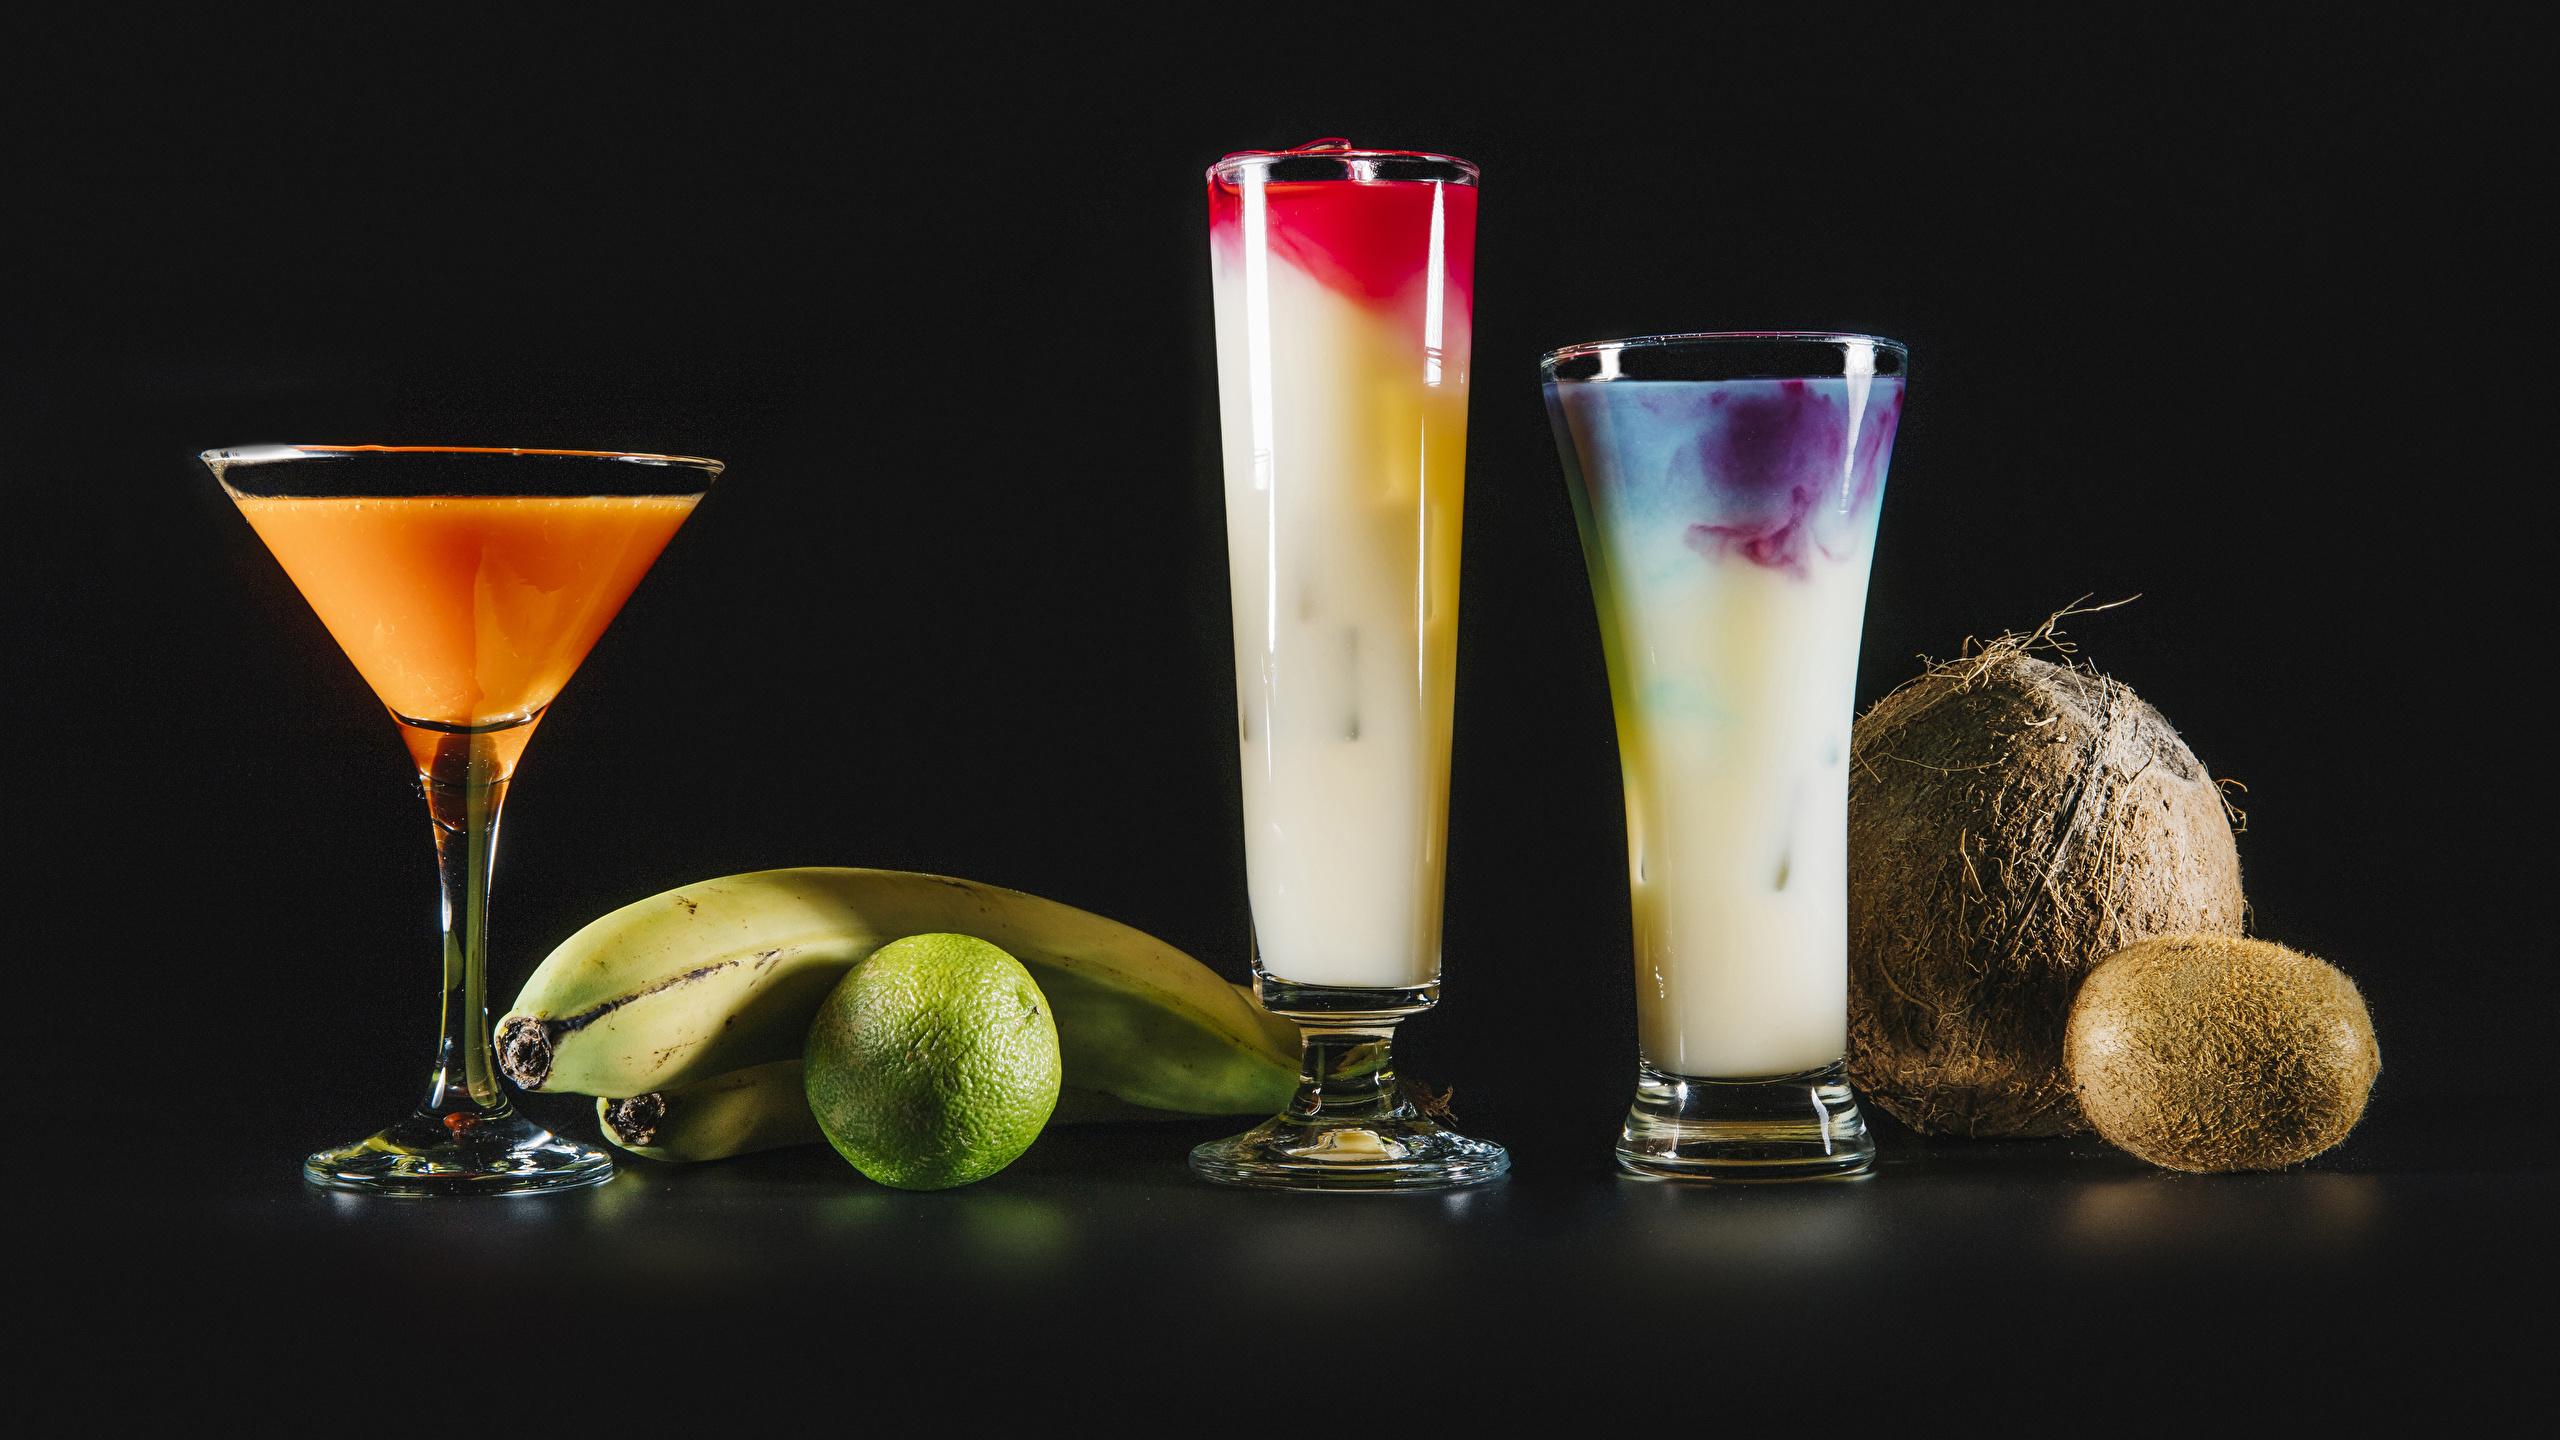 Картинки Лайм Киви Бананы Кокосы стакана Коктейль Продукты питания Черный фон 2560x1440 Стакан стакане Еда Пища на черном фоне